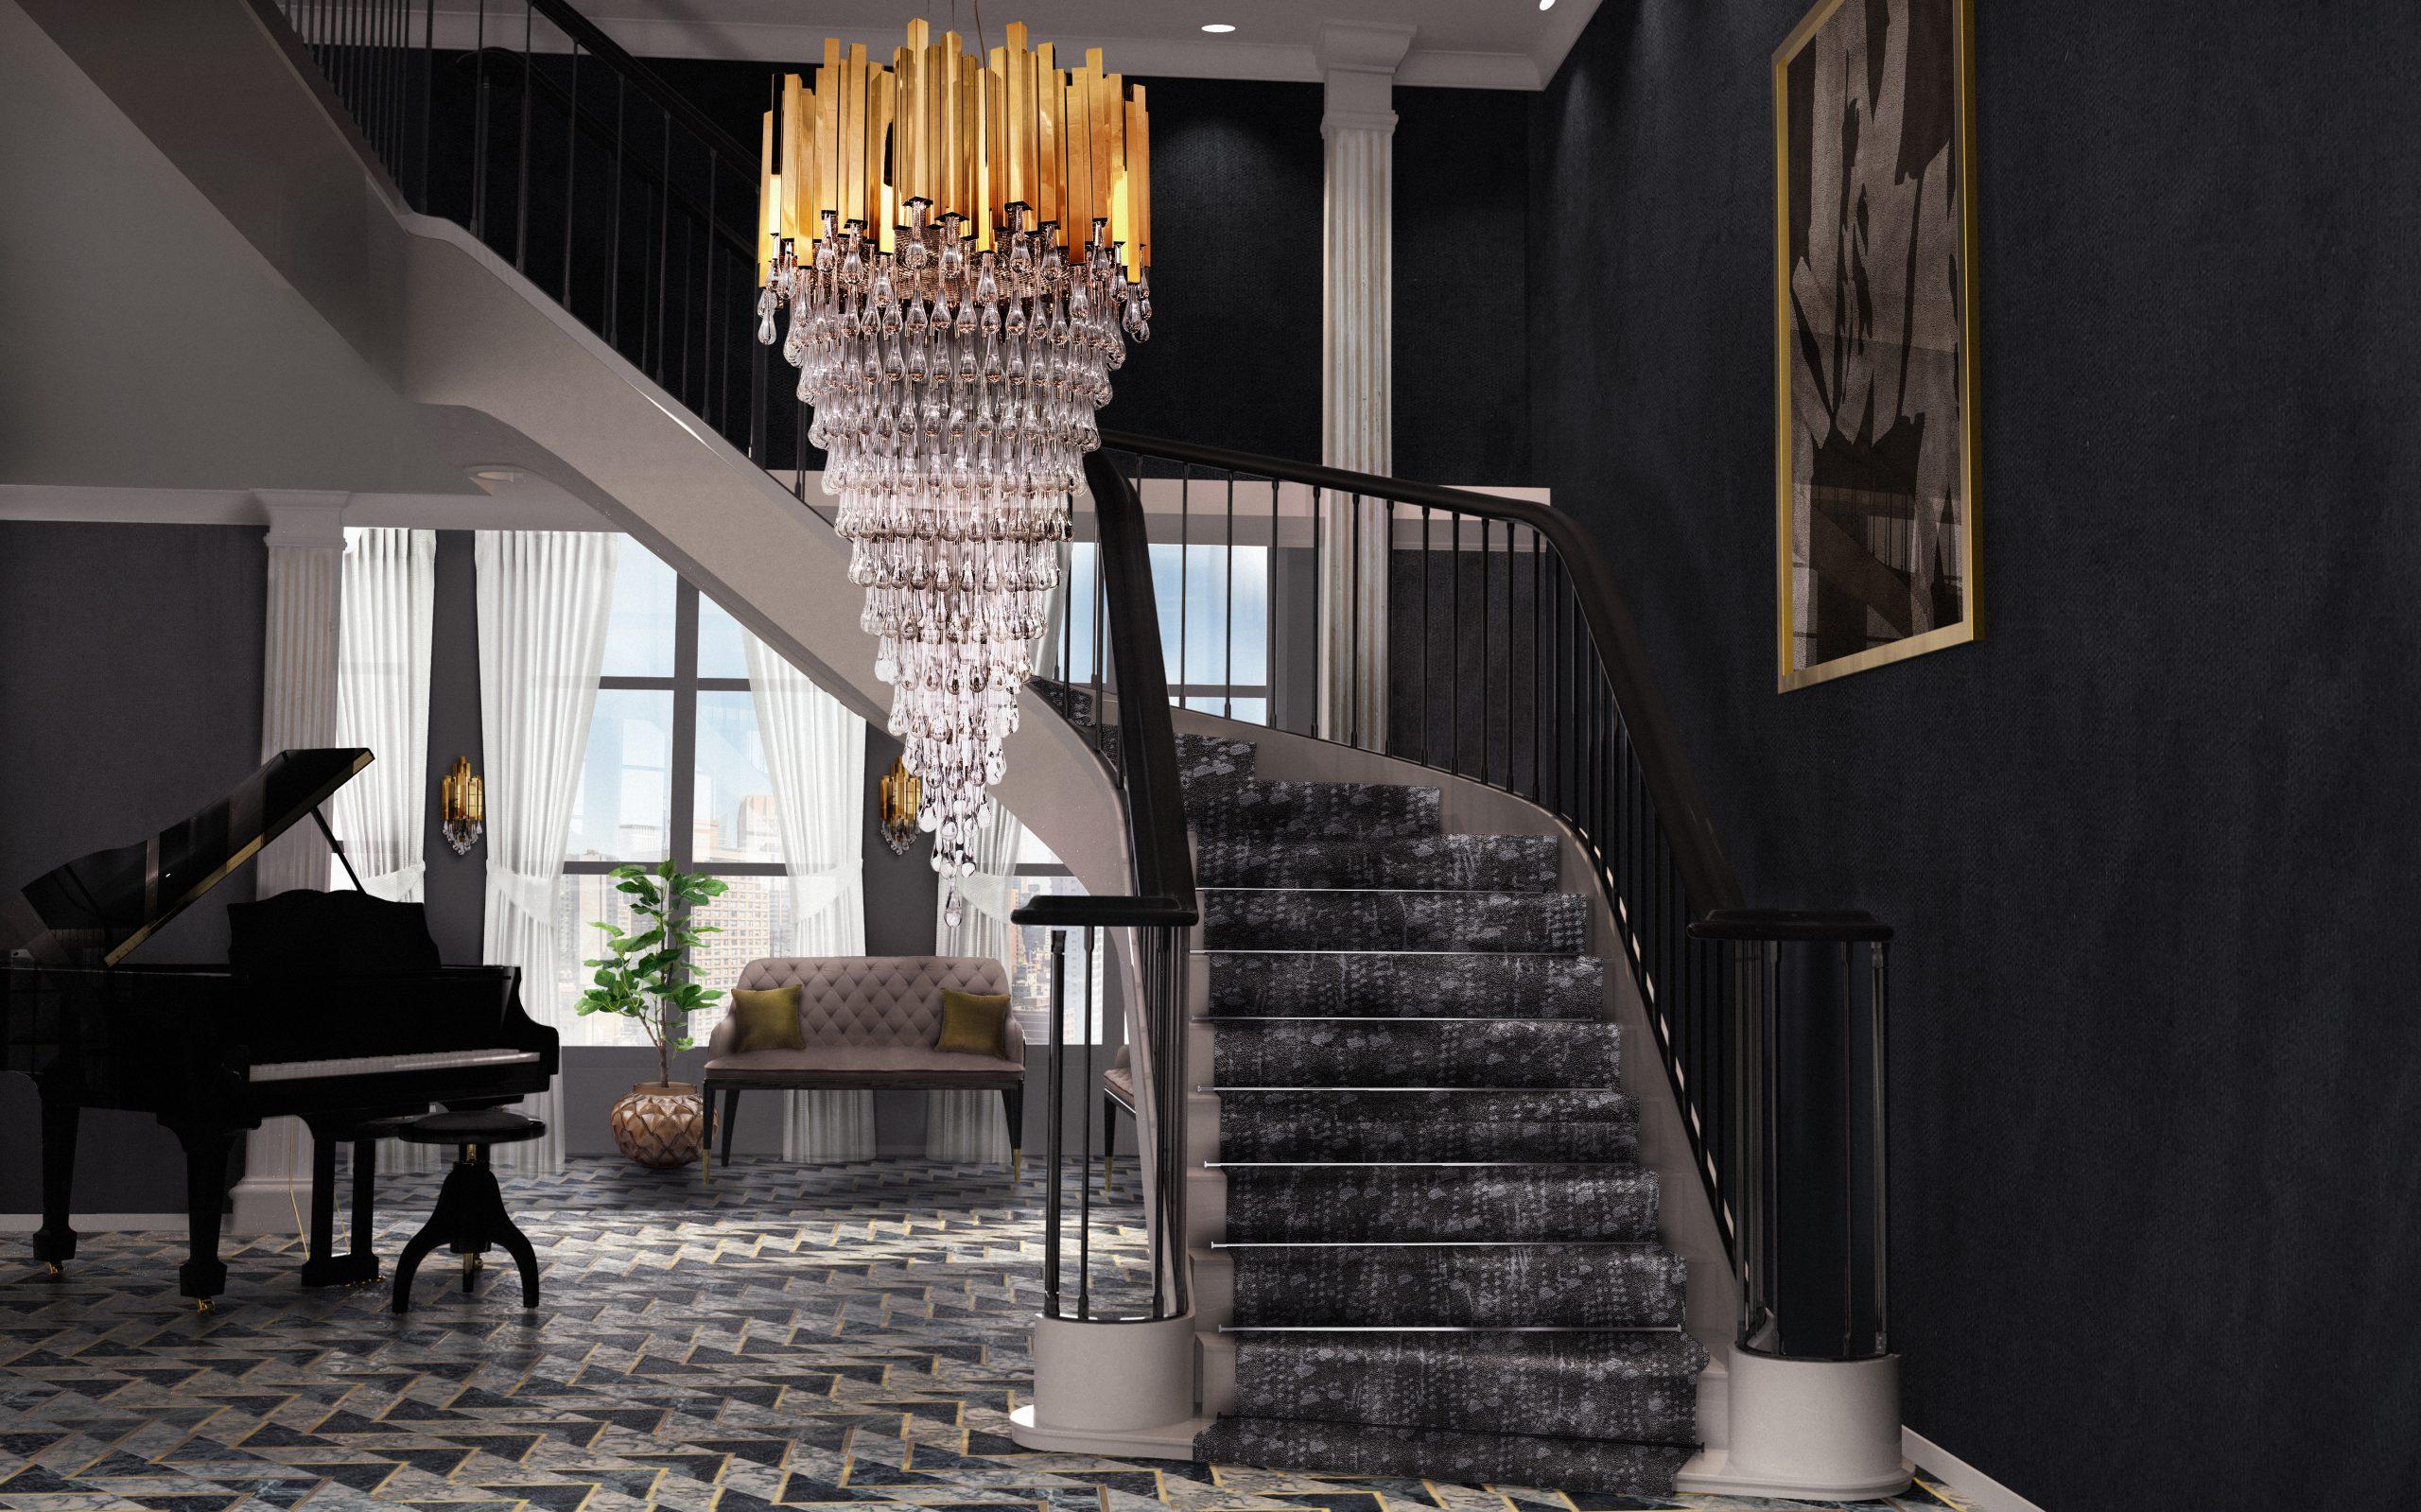 Entryway decor ideas to inspire you